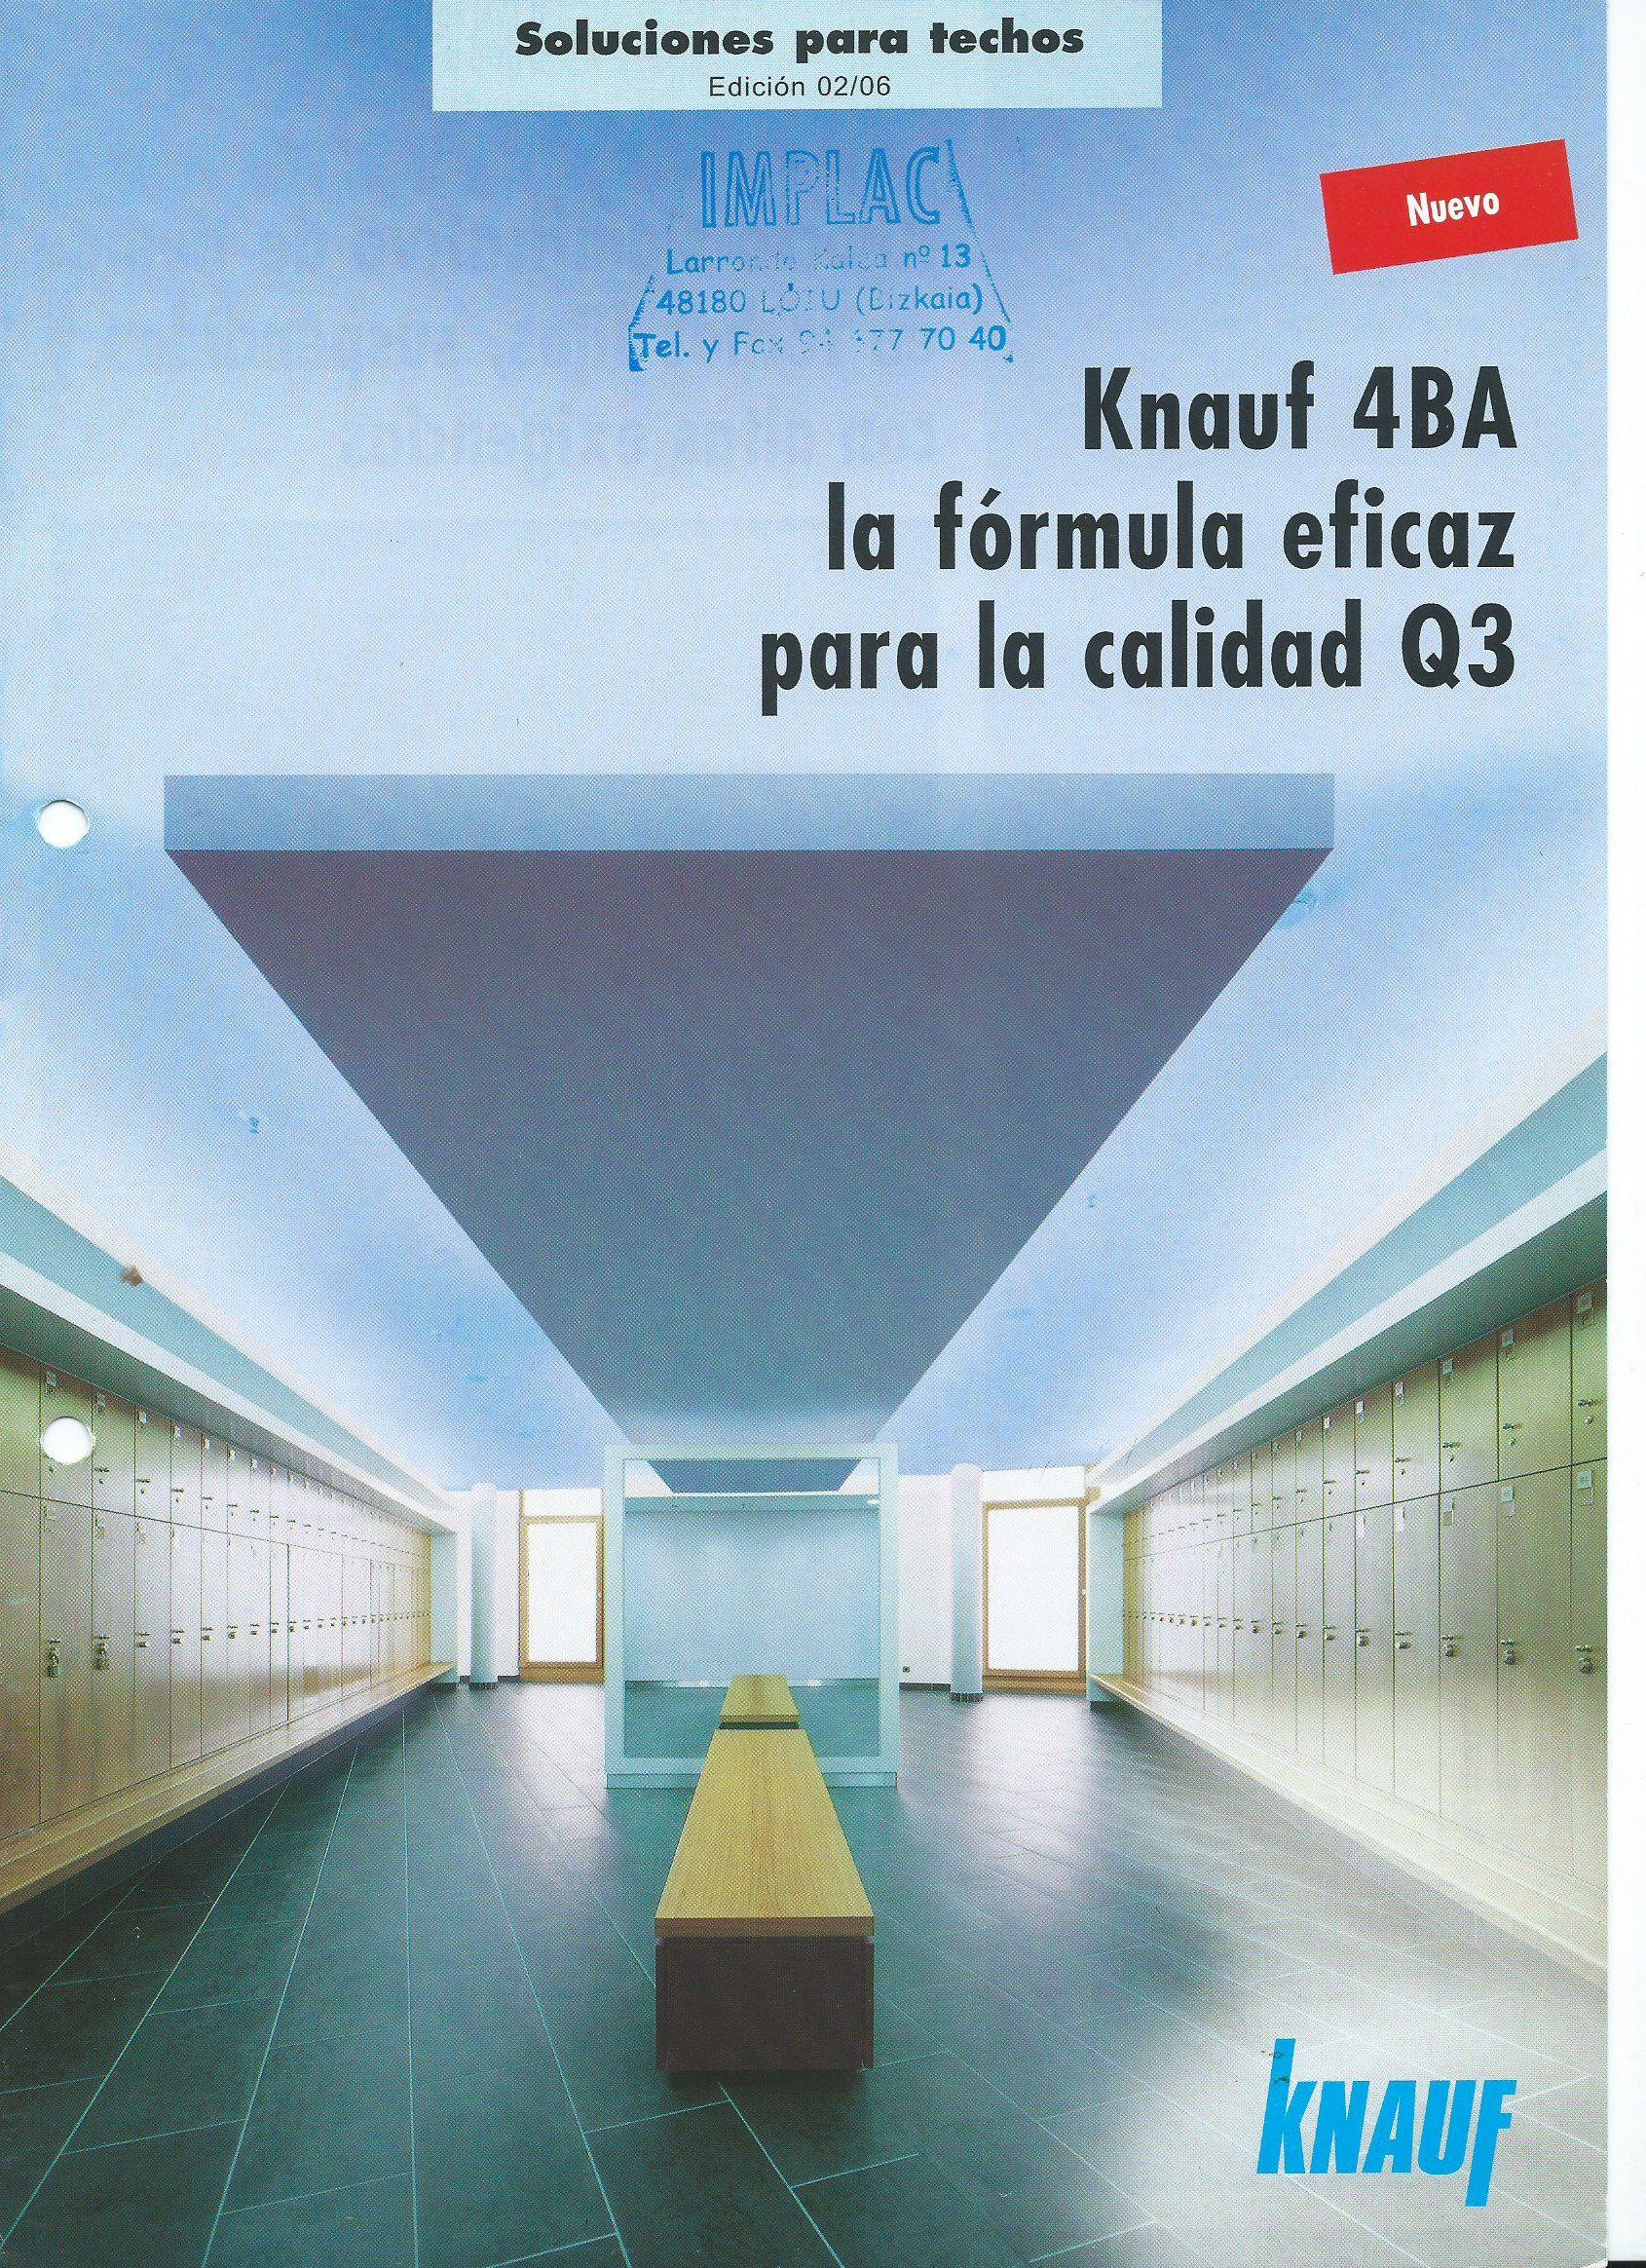 Soluciones para techos Knauf